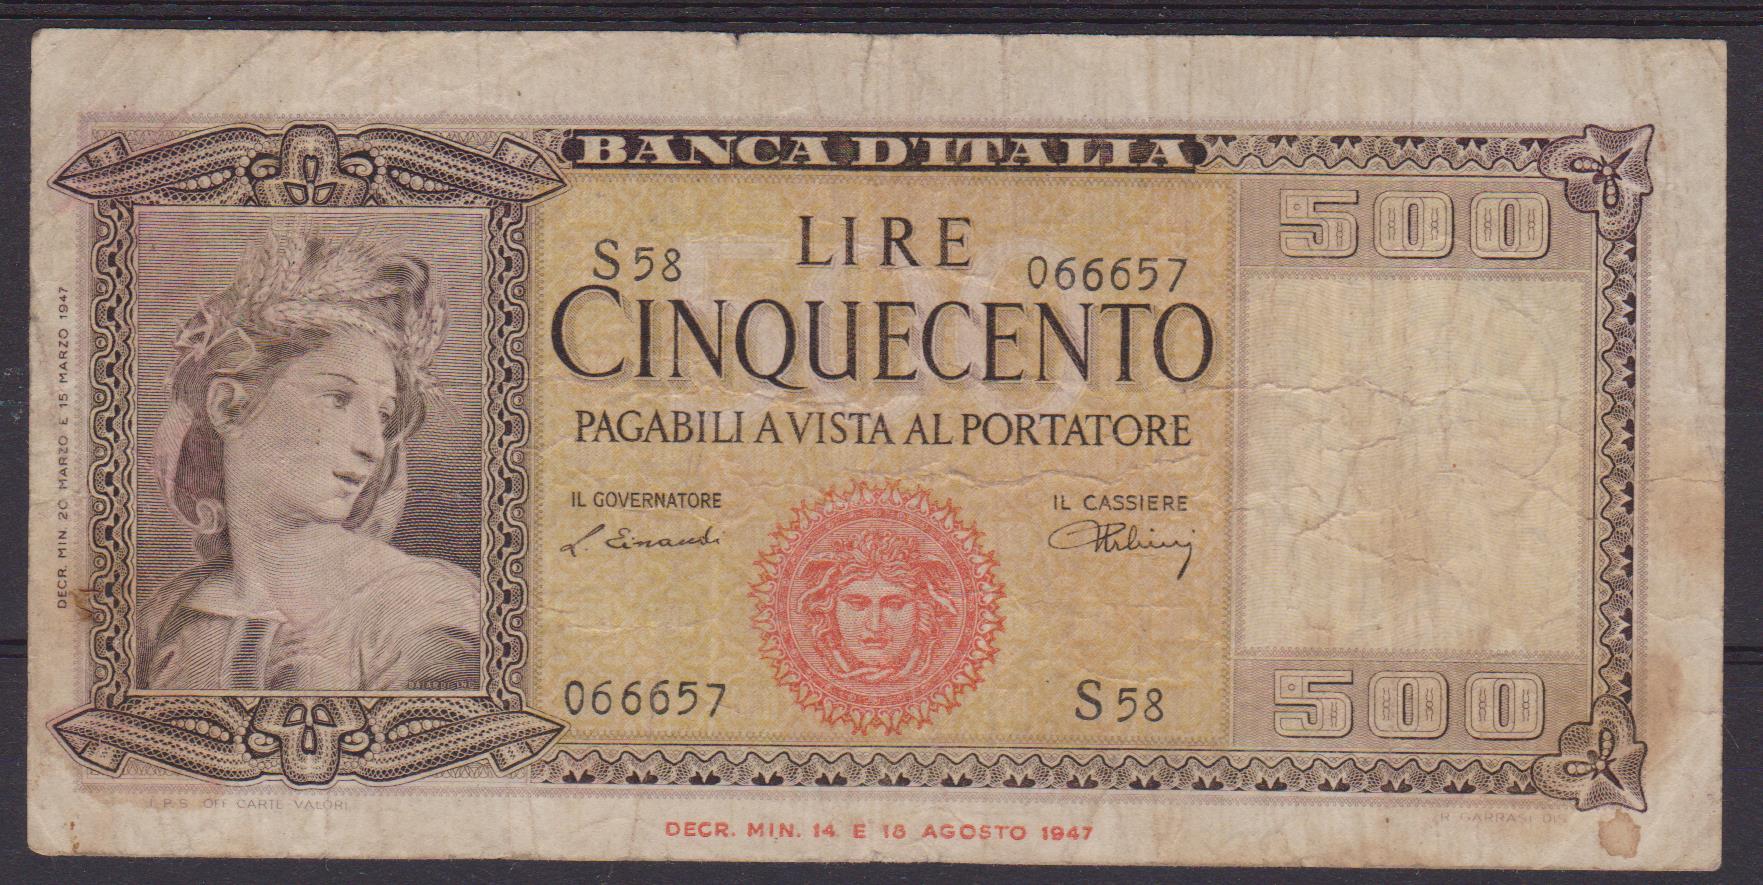 banconota lire 500 1 001